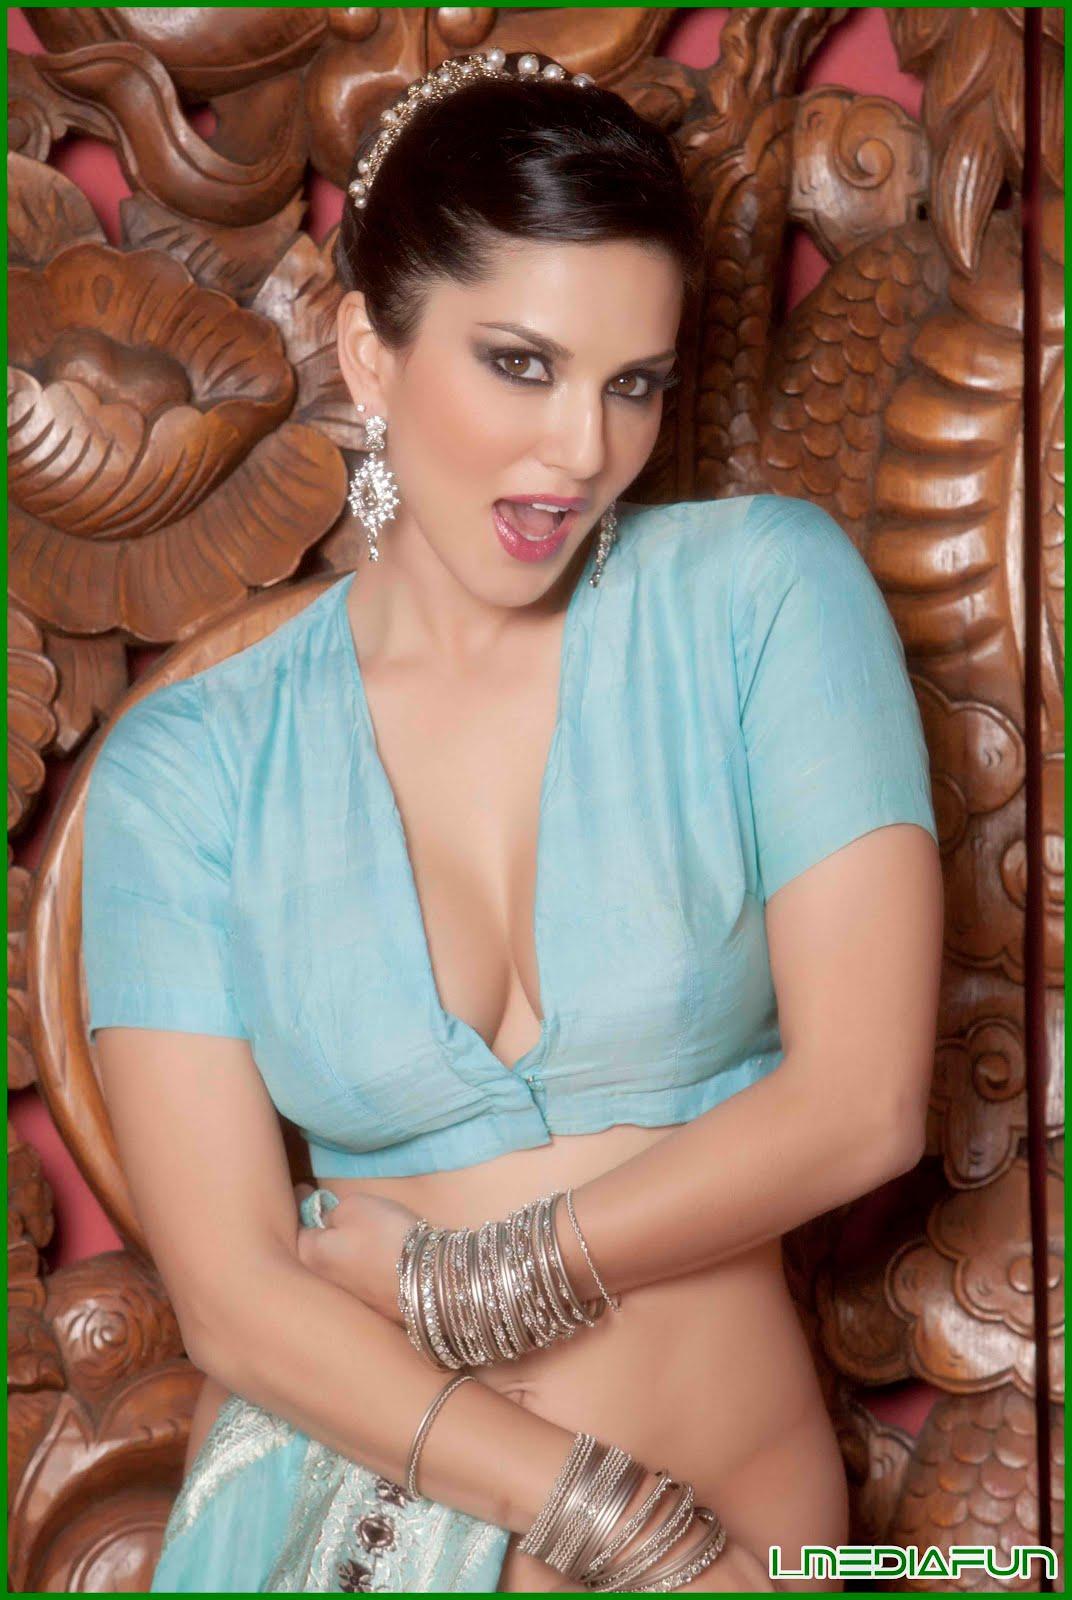 sunny leone s bollywood photoshoot in blue saree